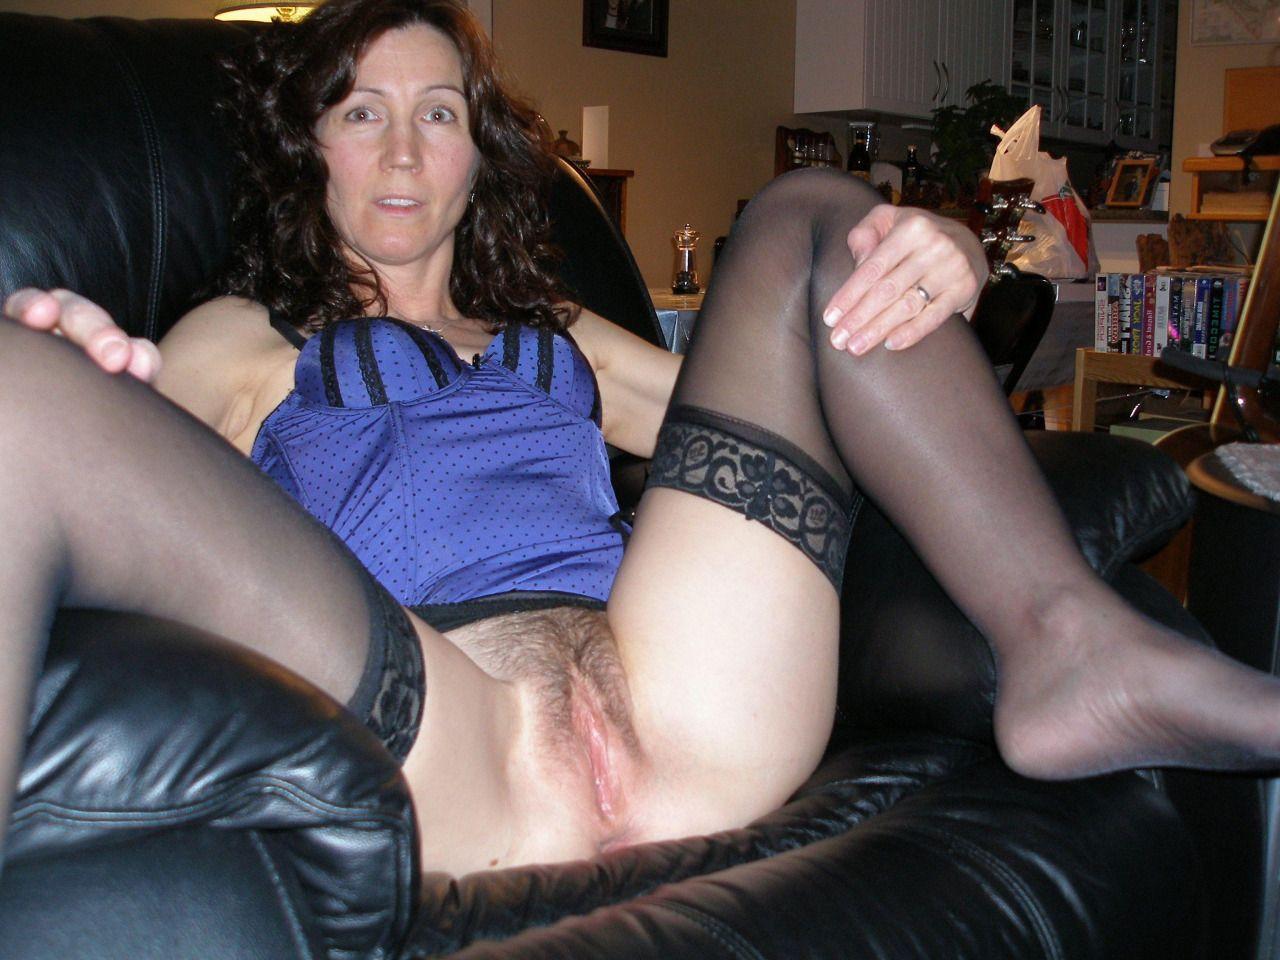 Развратные жёны фото, Частное фото развратных жен раком частное порно 1 фотография